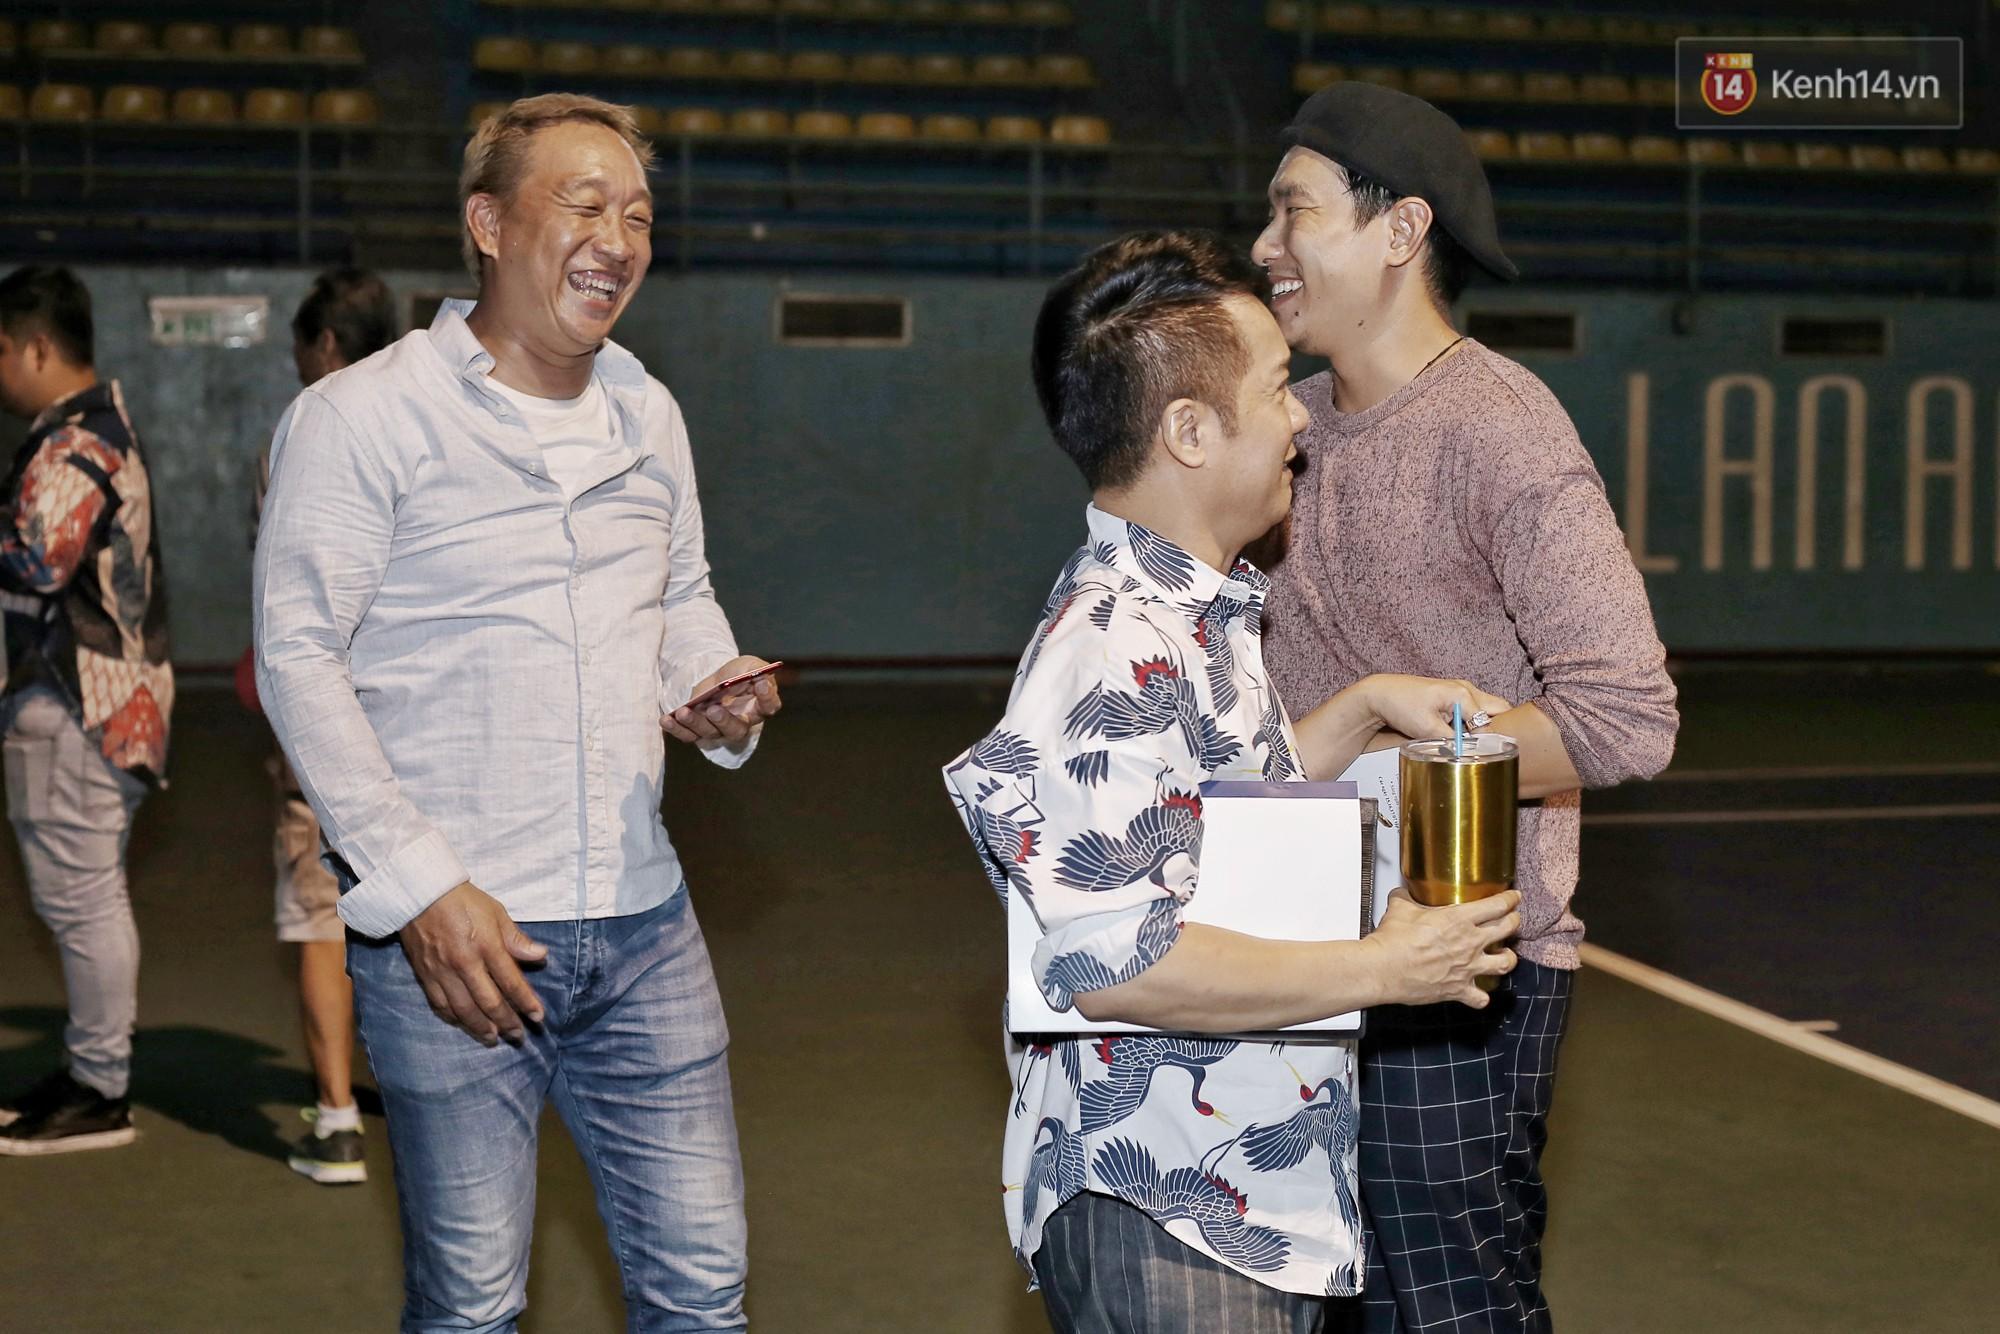 Hoài Lâm chính thức lộ diện sau nửa năm giải nghệ, cùng vợ chồng Khởi My tập luyện trước thềm liveshow Hoài Linh - Ảnh 12.